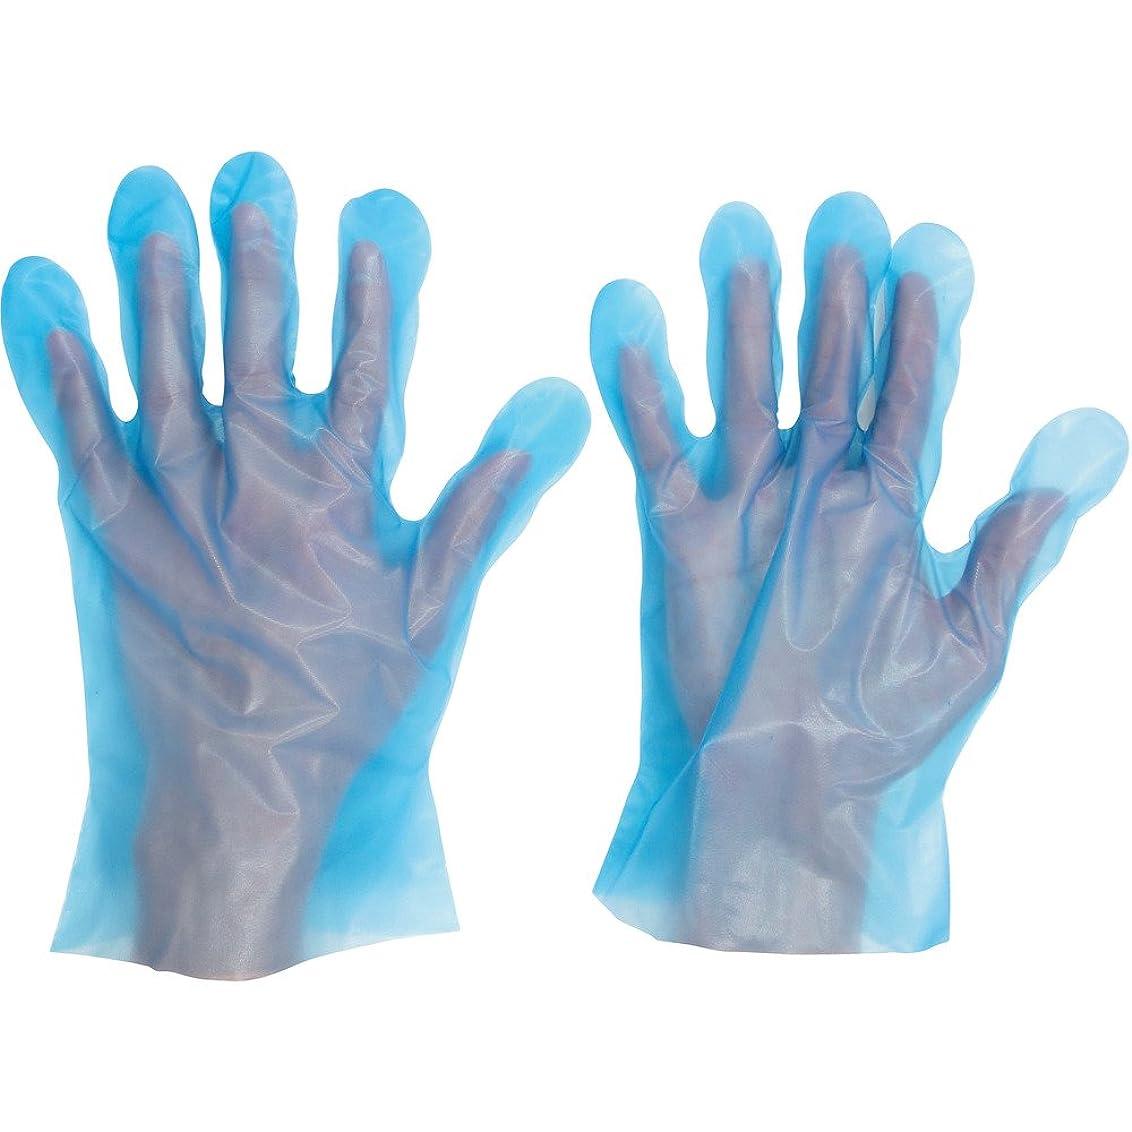 レコーダーアナニバーこれらミドリ安全 ポリエチレンディスポ手袋 ベルテ574 100枚 袋入 SS VERTE-574-SS ポリエチレン使い捨て手袋